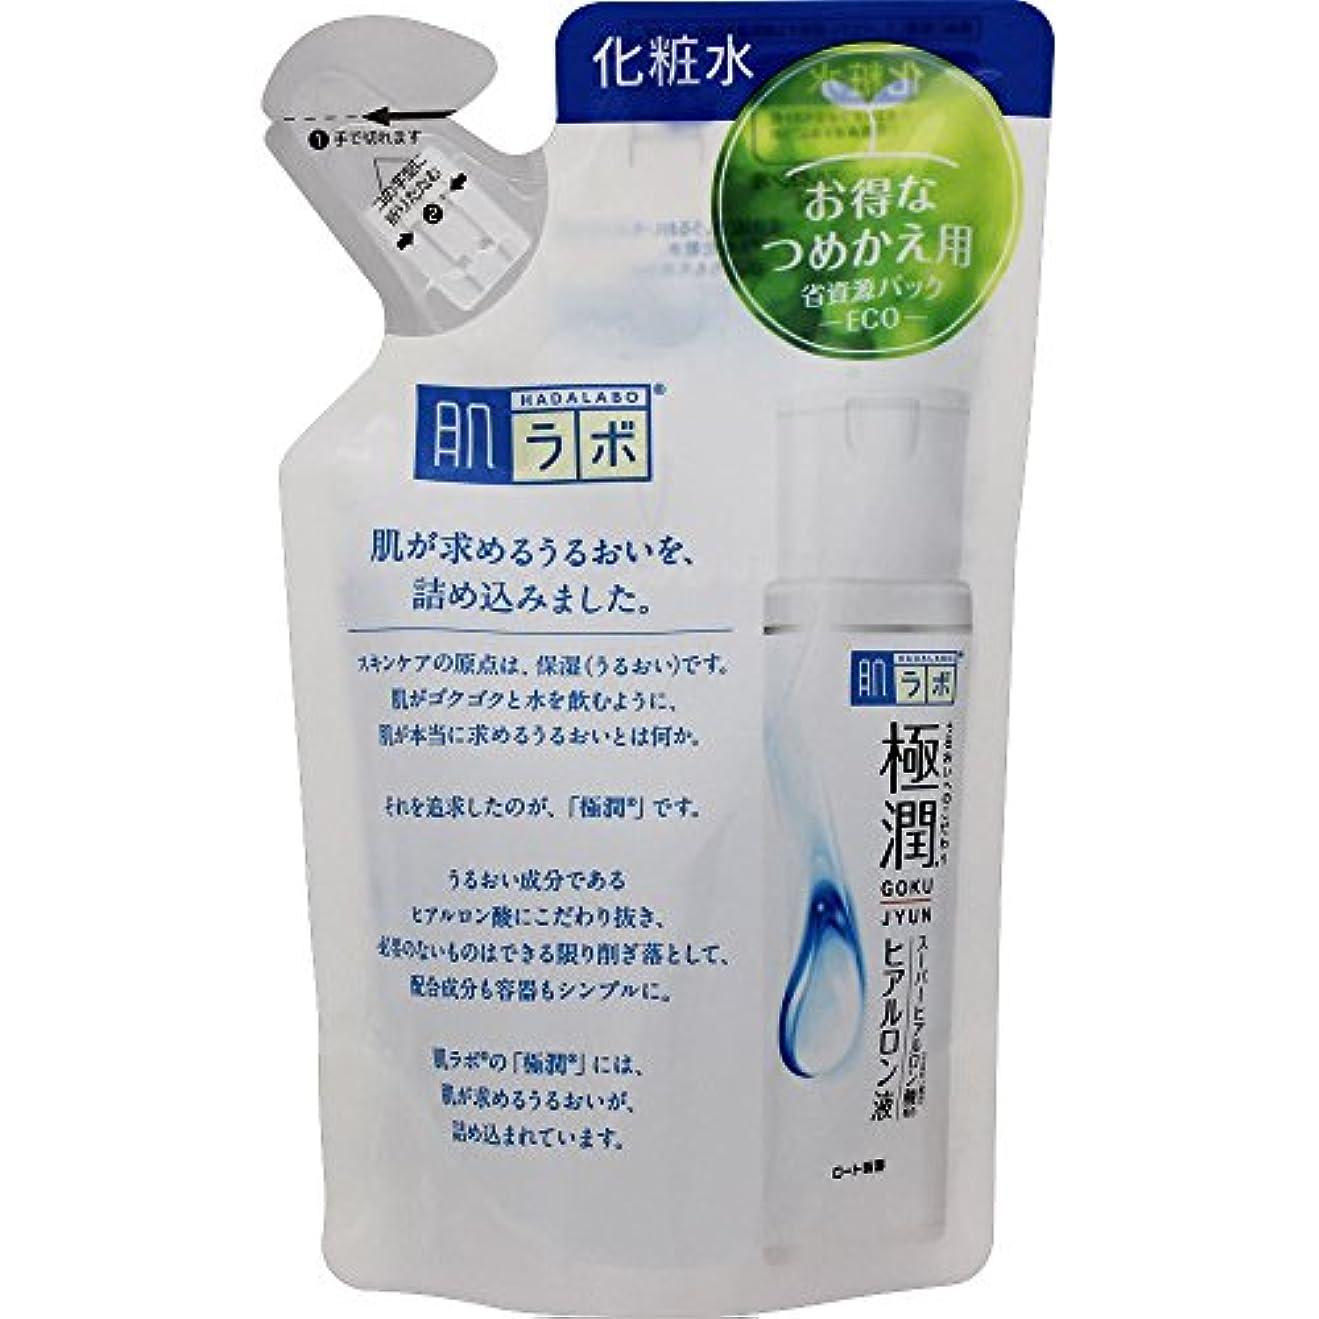 場所ケニアうがい薬肌ラボ 極潤 ヒアルロン酸 化粧水 ヒアルロン酸3種配合 詰替用 170ml